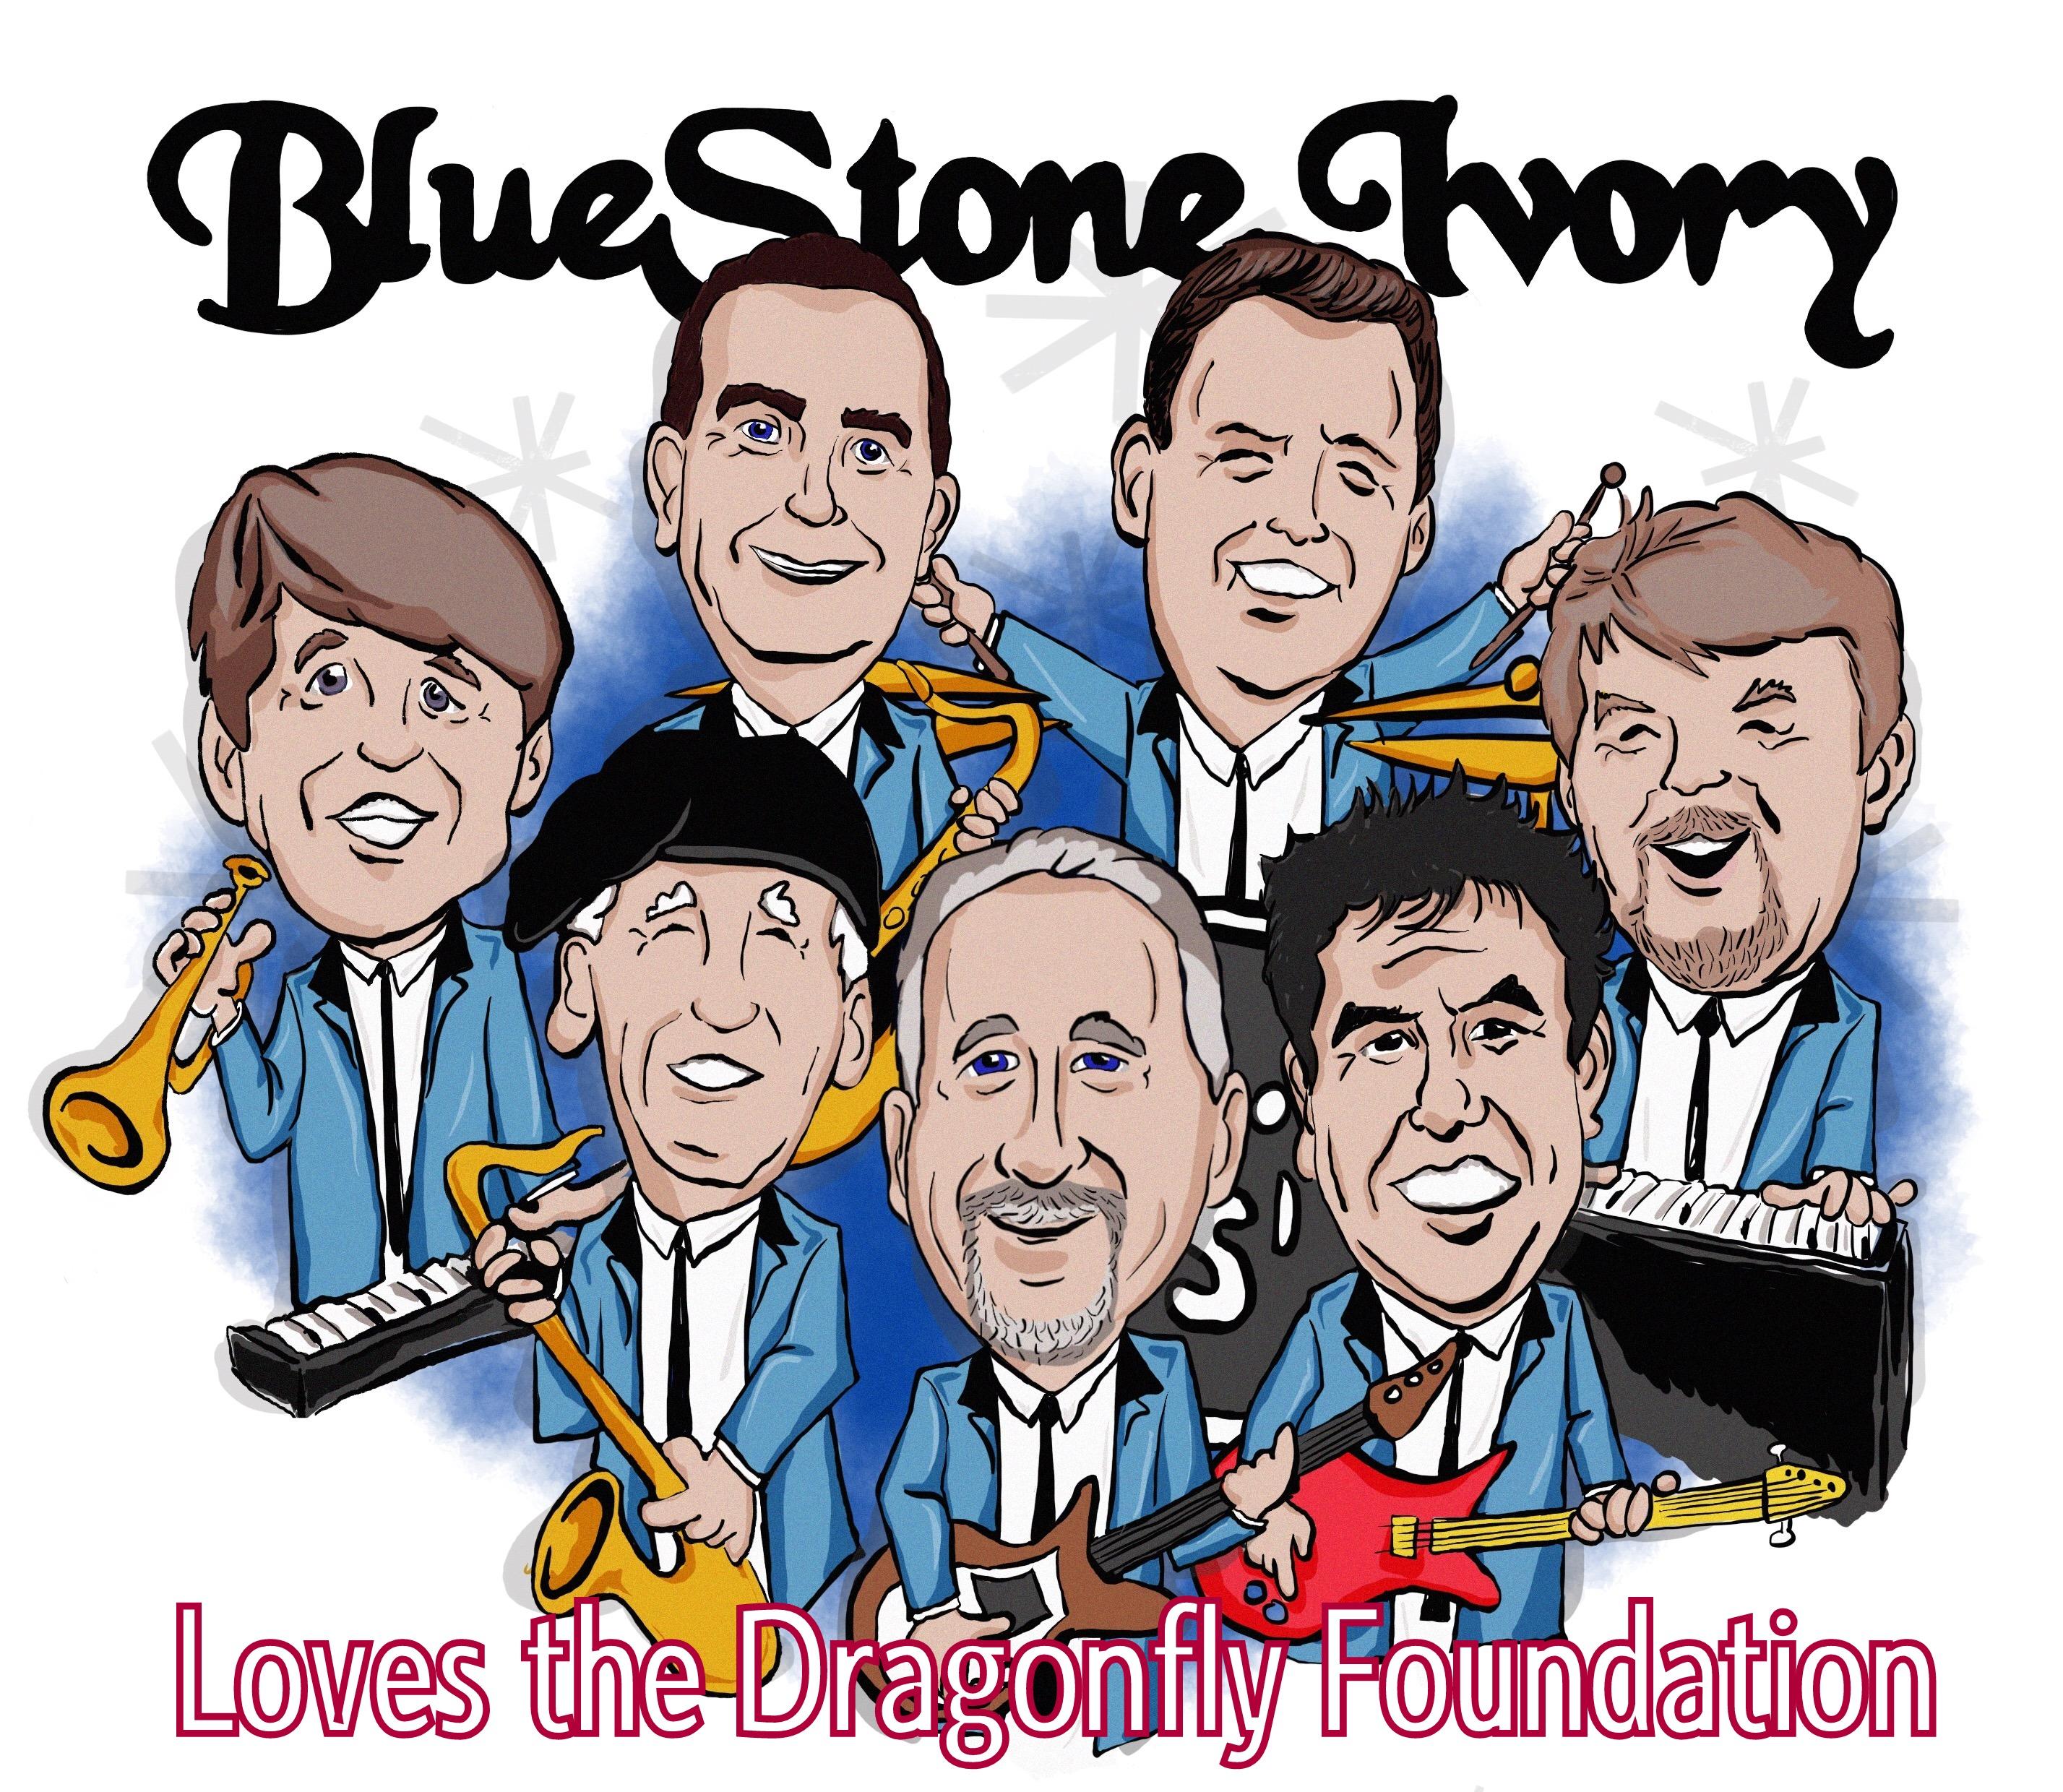 Blue Stone Ivory